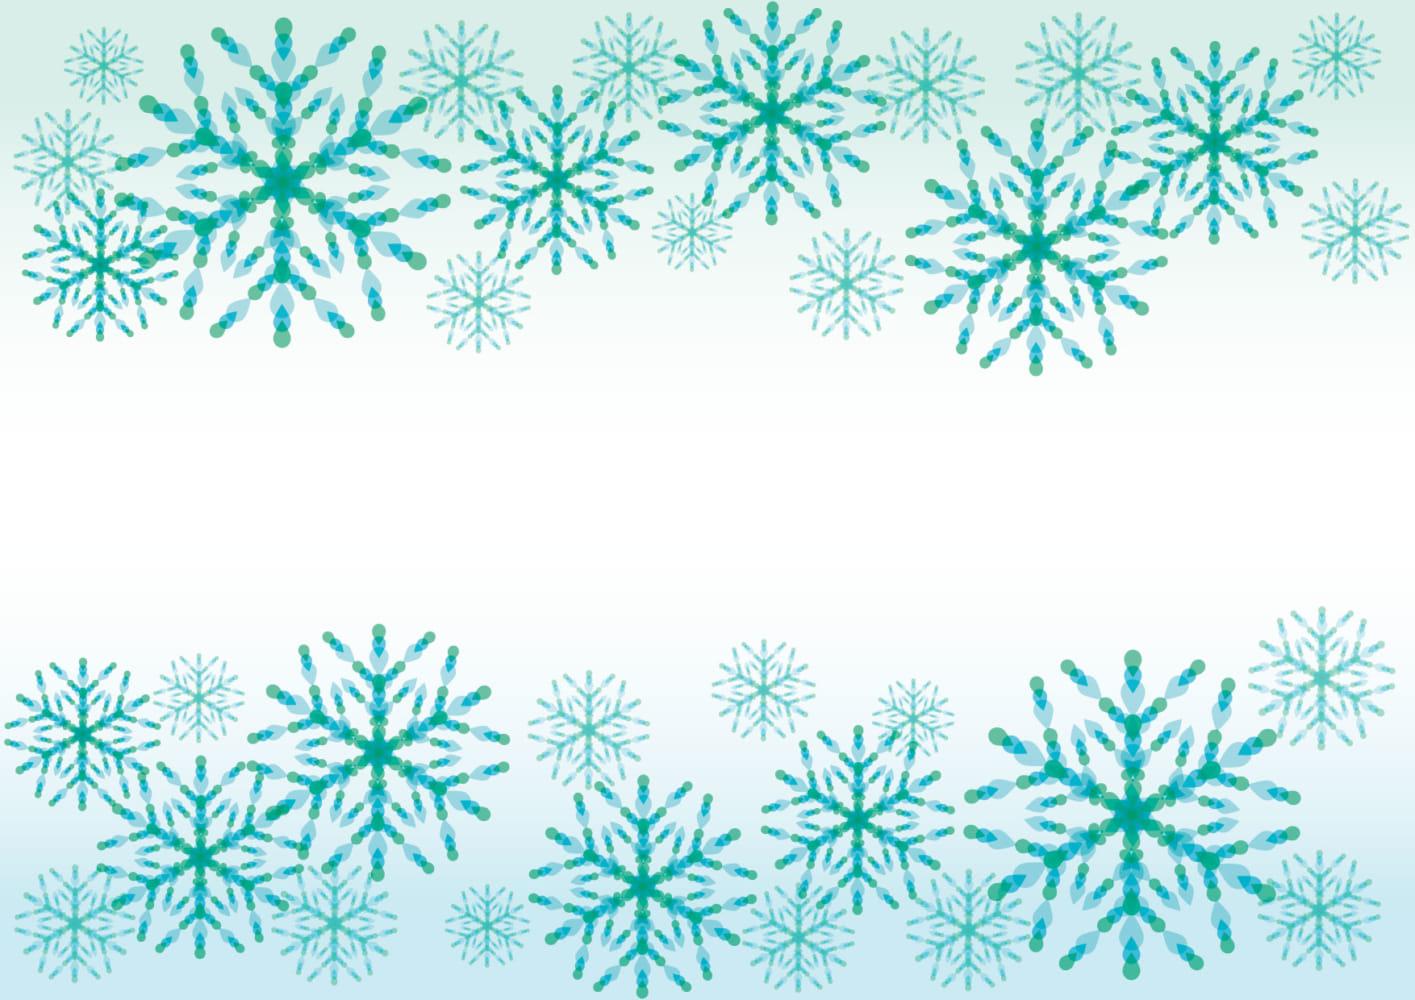 雪の結晶 青 背景 イラスト 無料